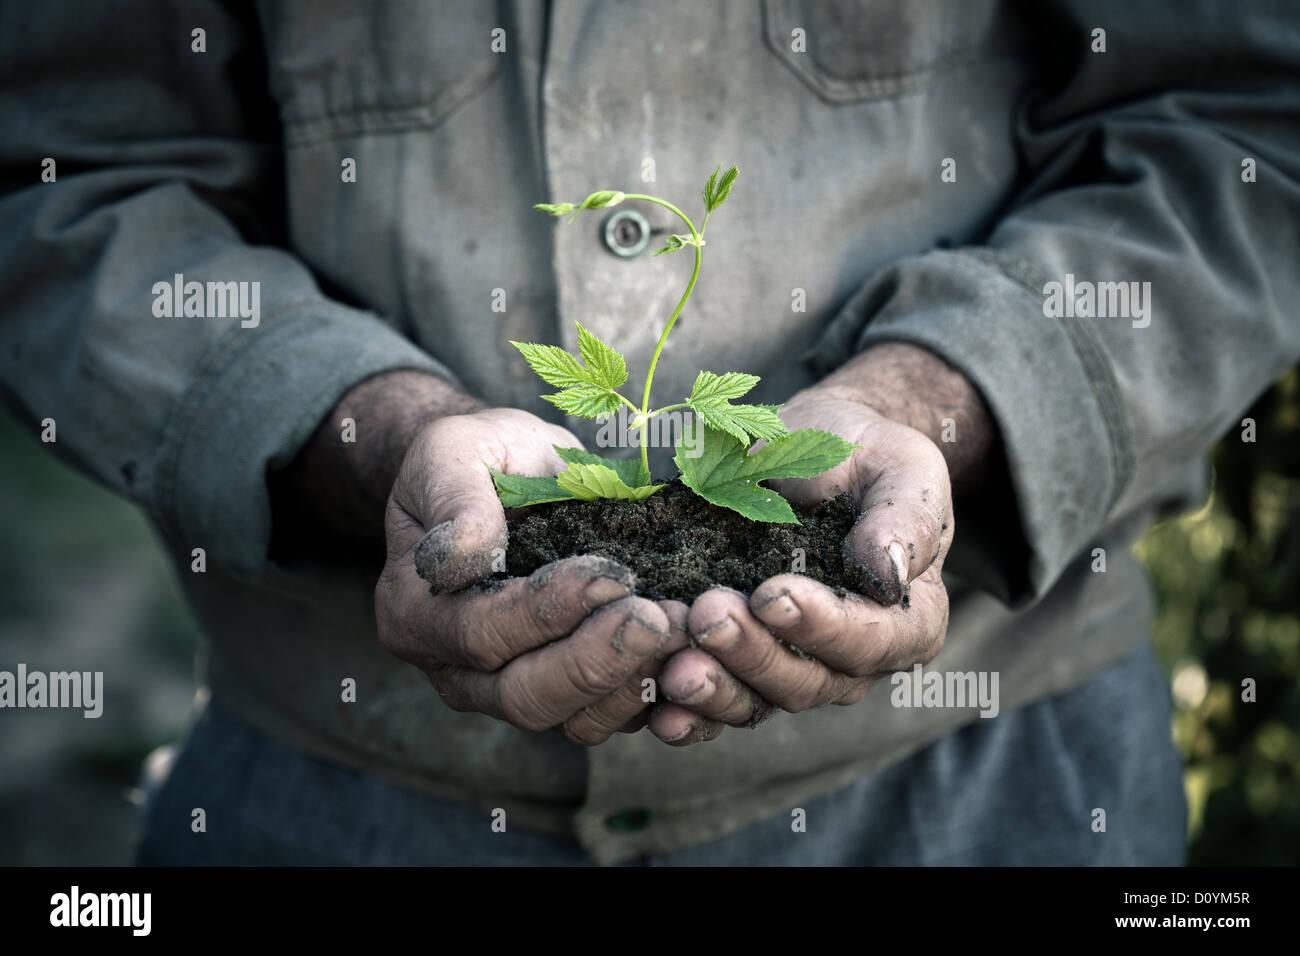 L'uomo mani tenendo un verde giovane pianta Immagini Stock